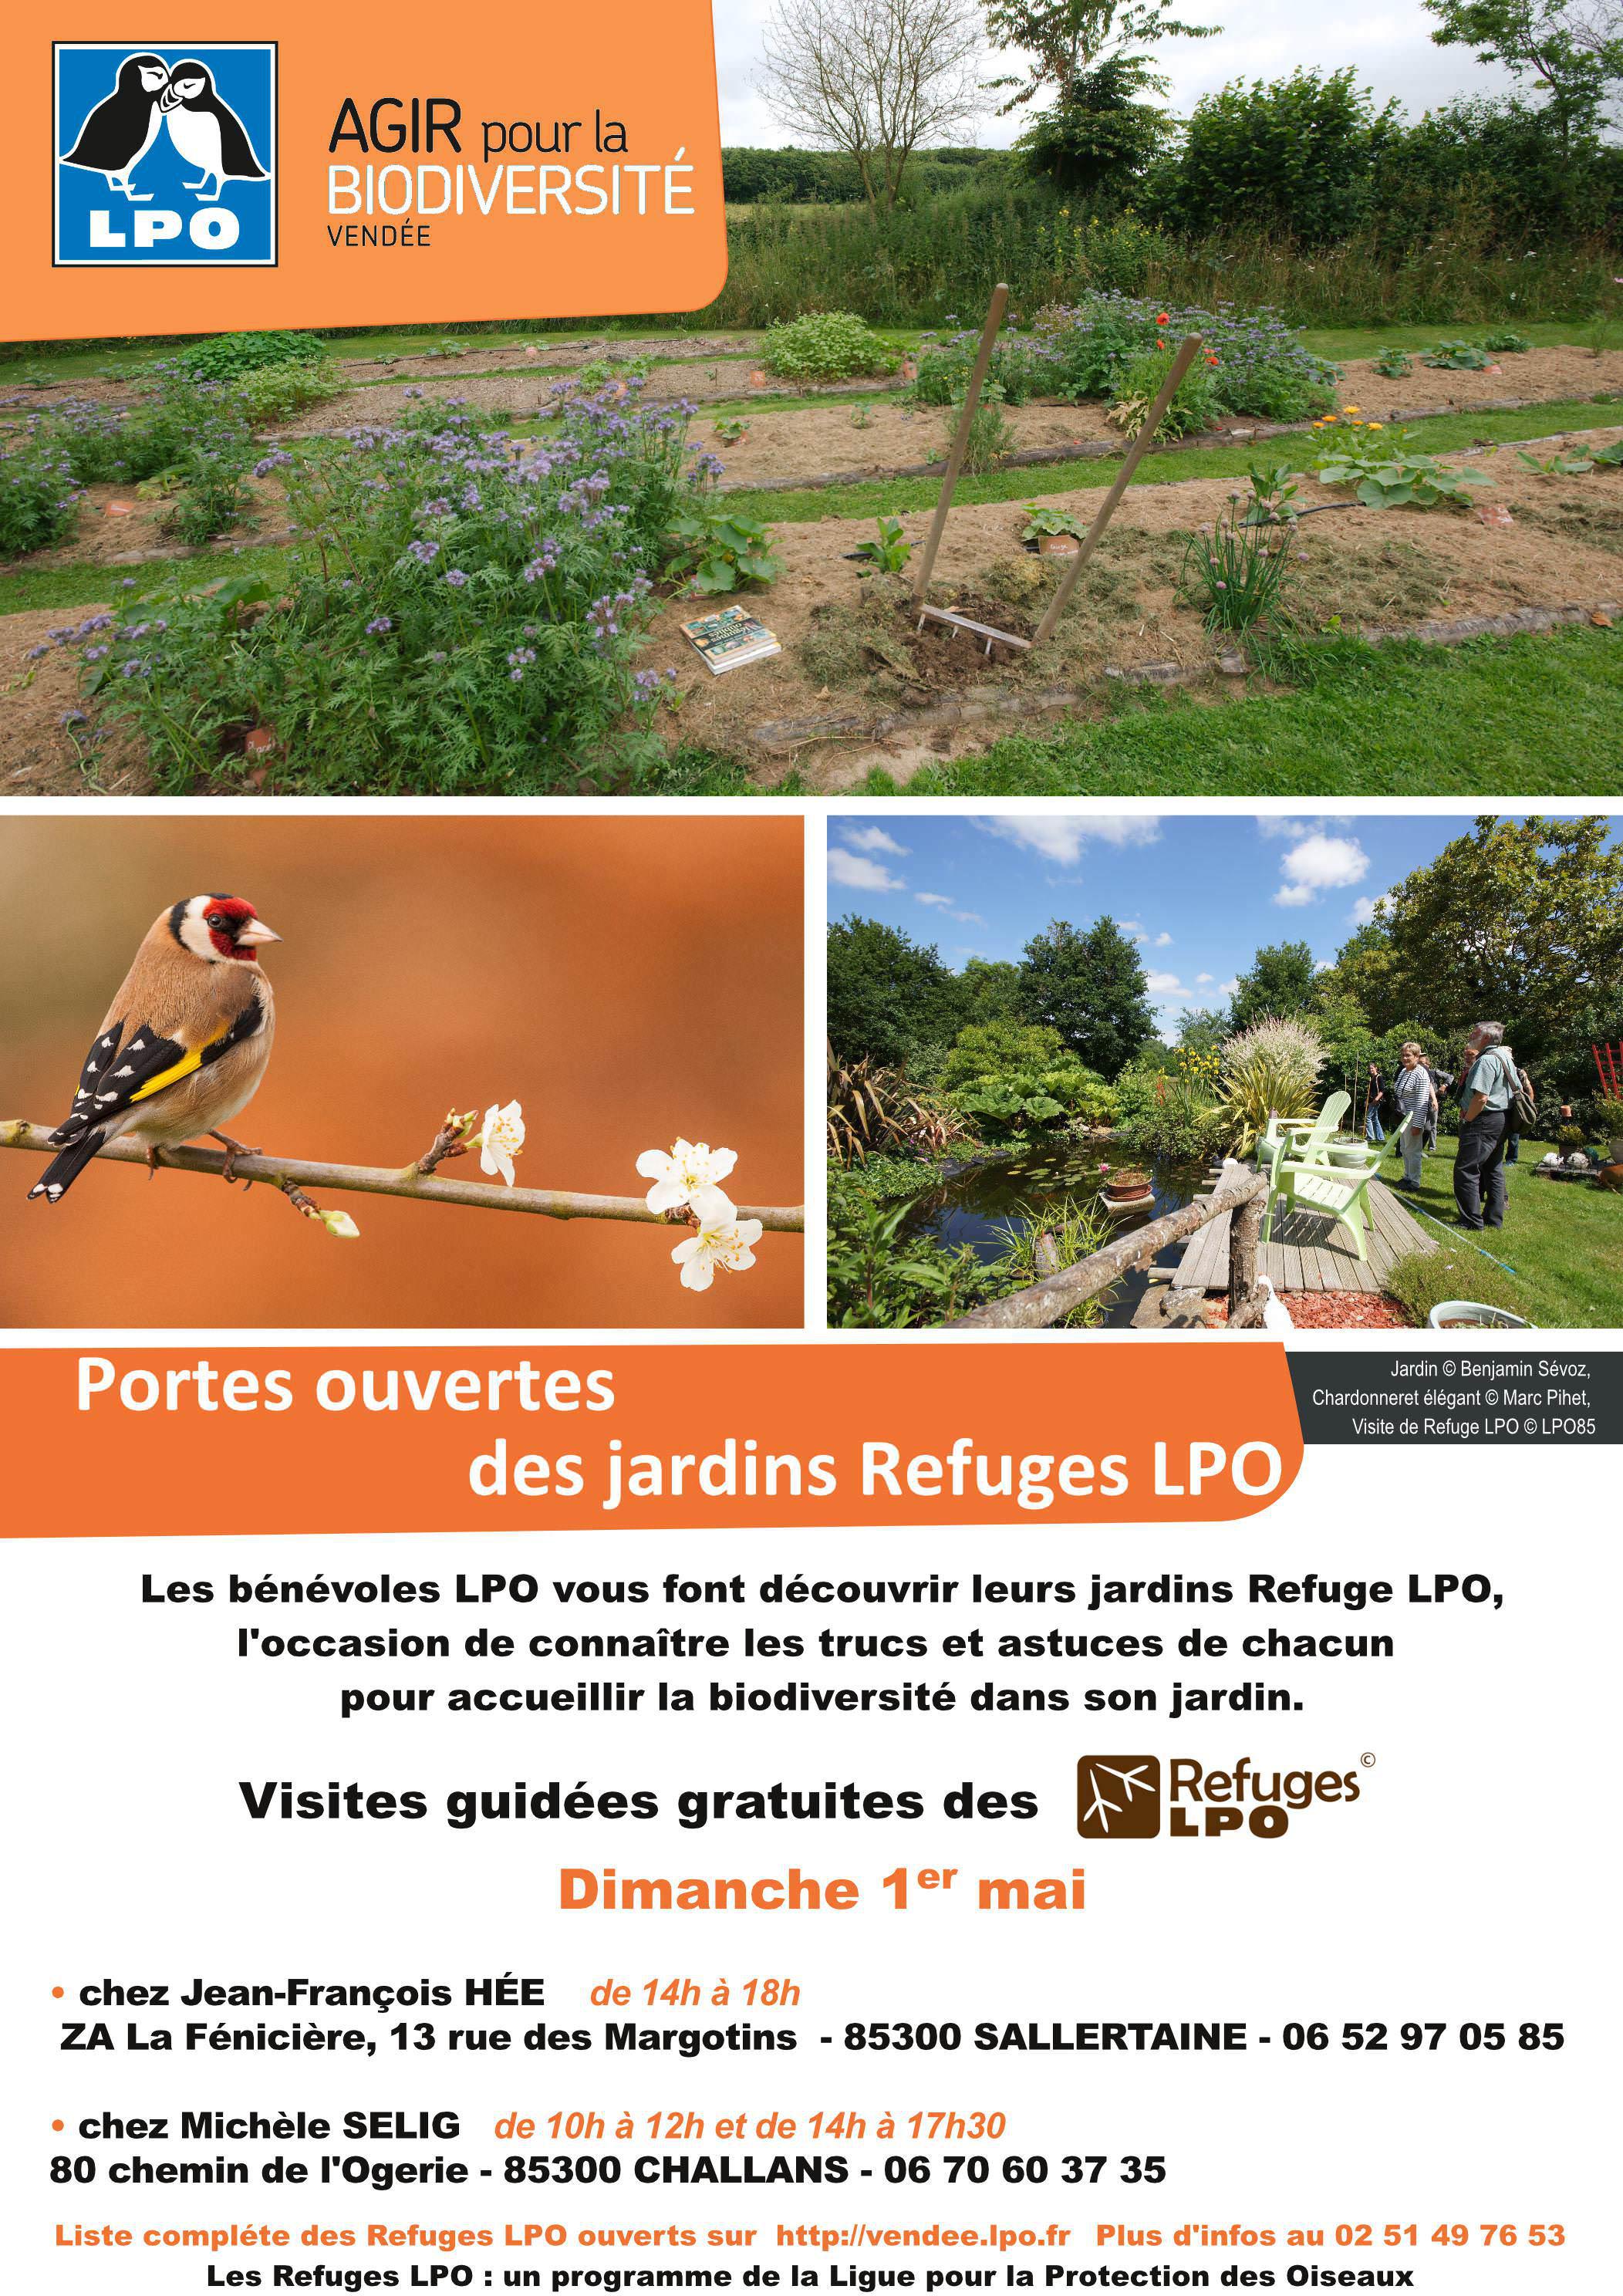 Portes ouvertes du jardin Refuge LPO de Jean-François